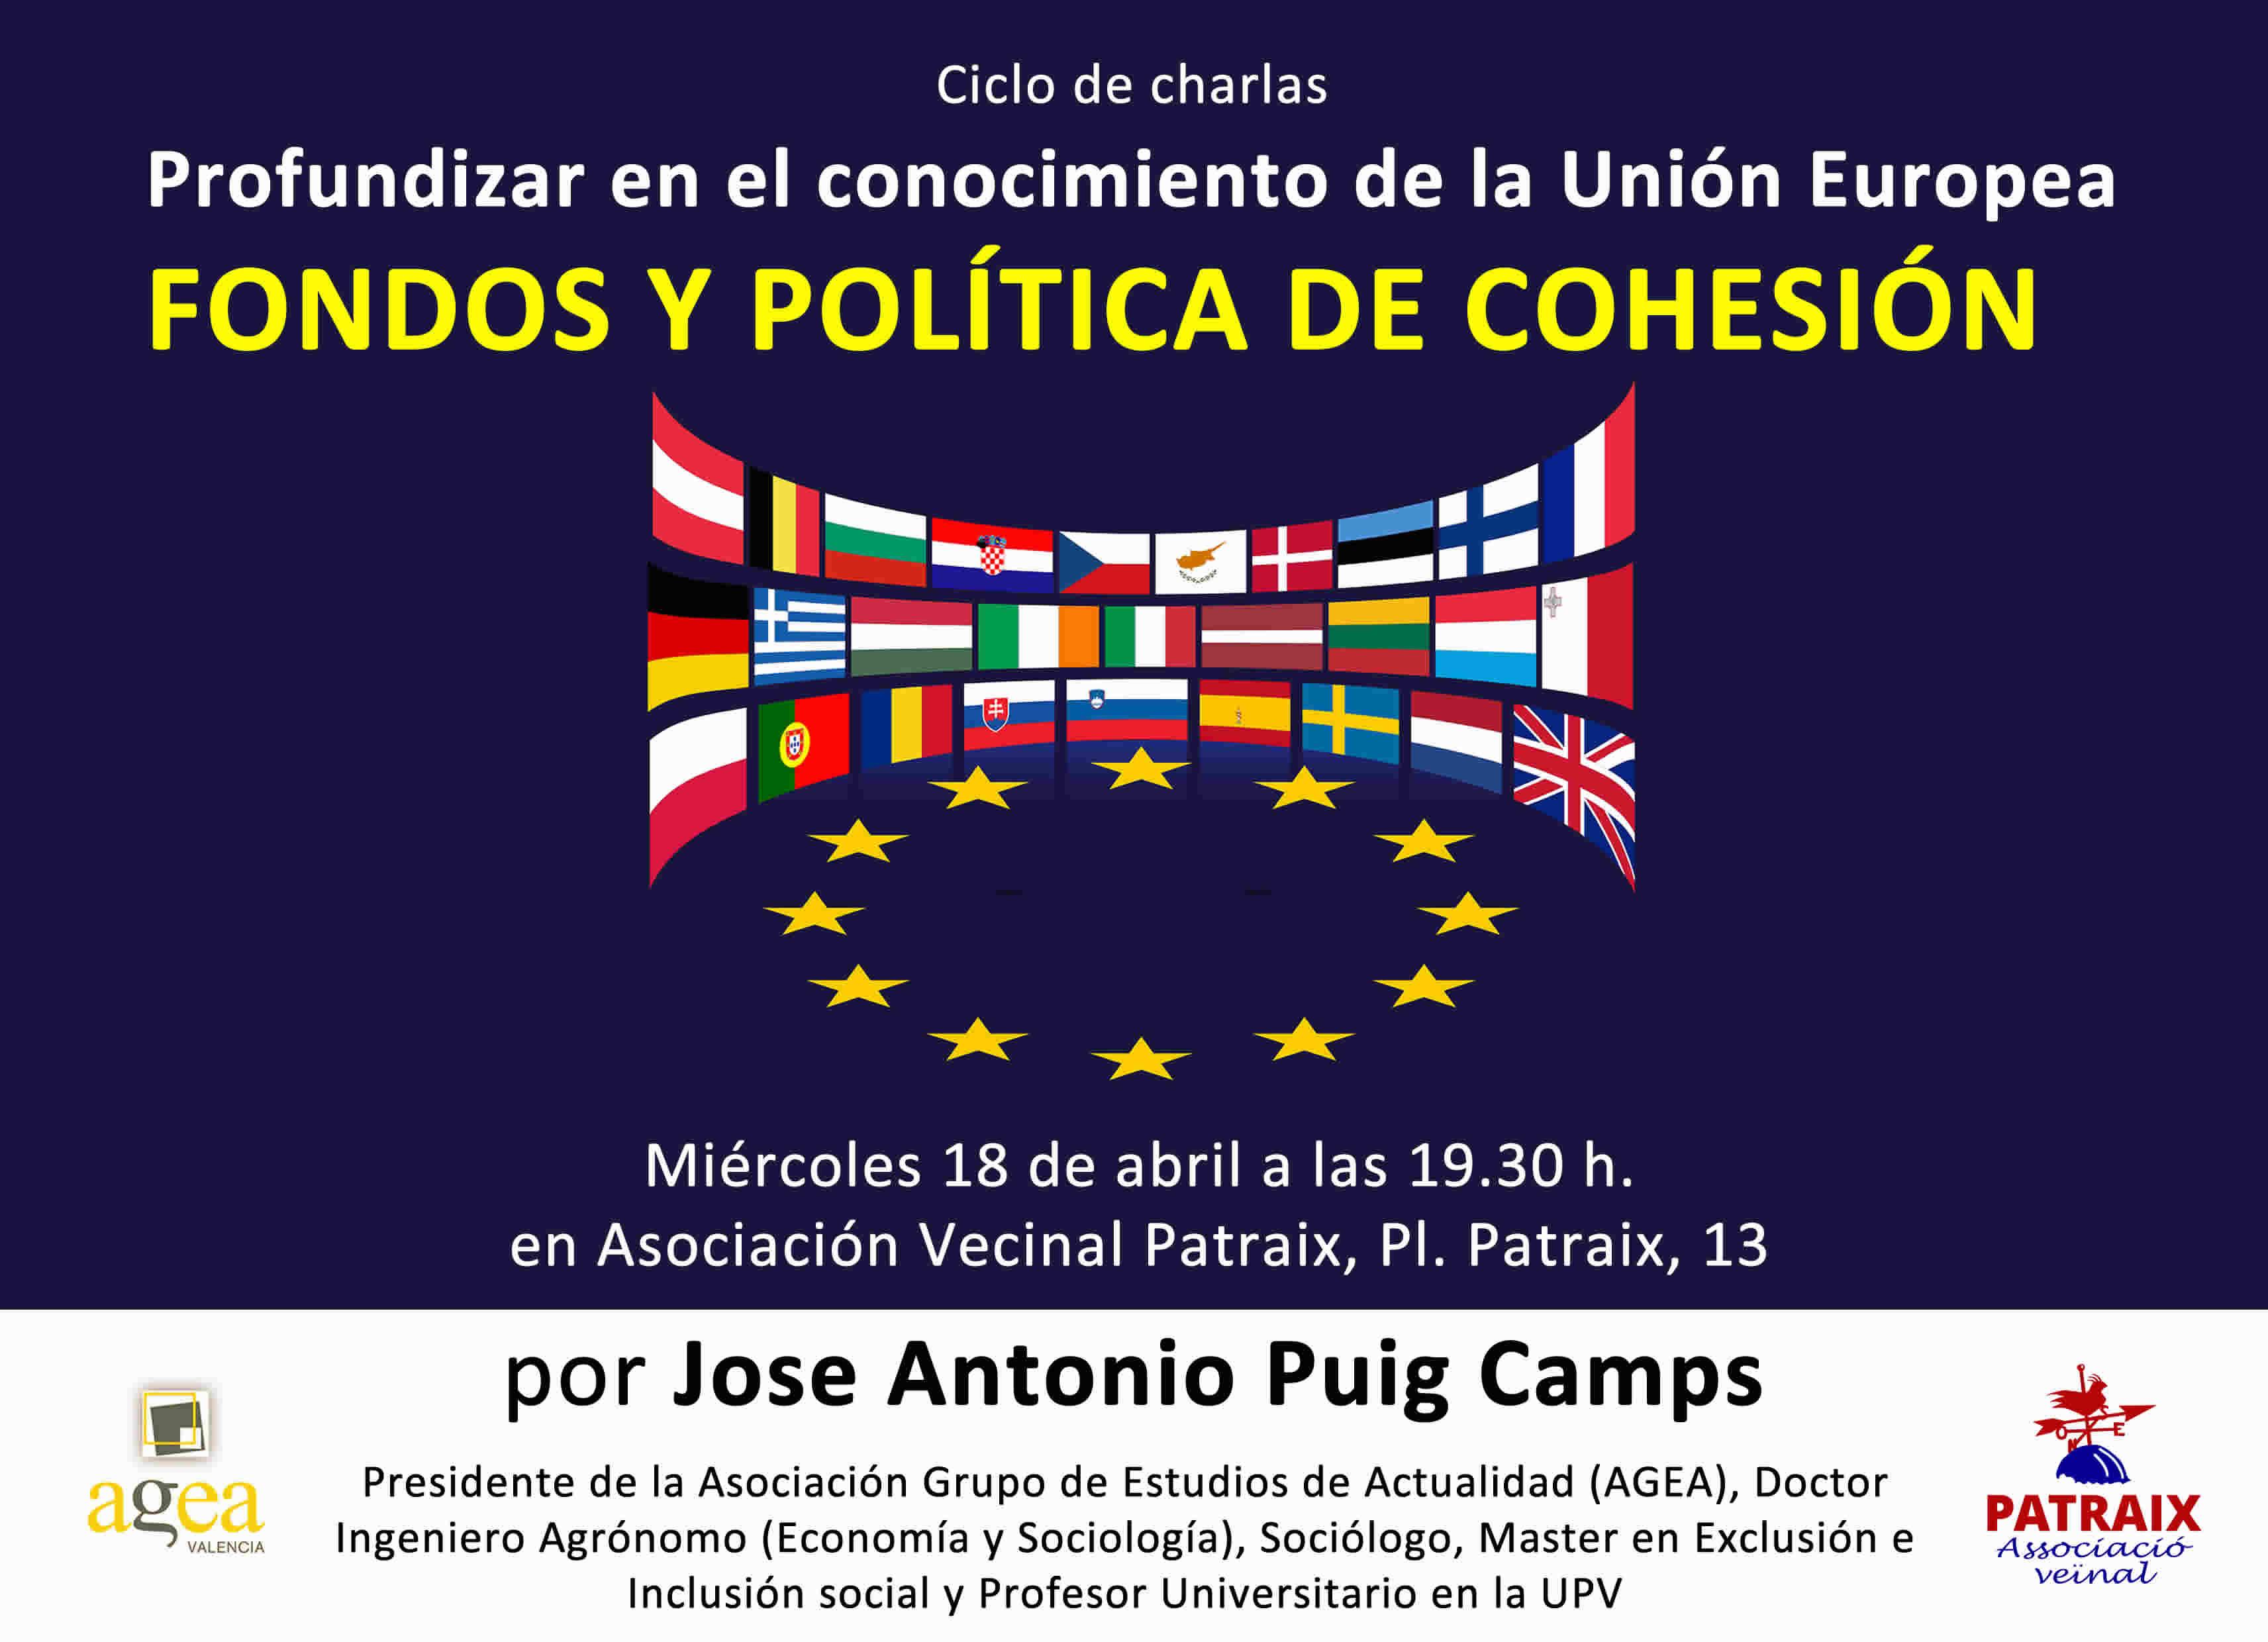 Ciclo de charlas: Profundizar en el conocimiento de la Comunidad Europea